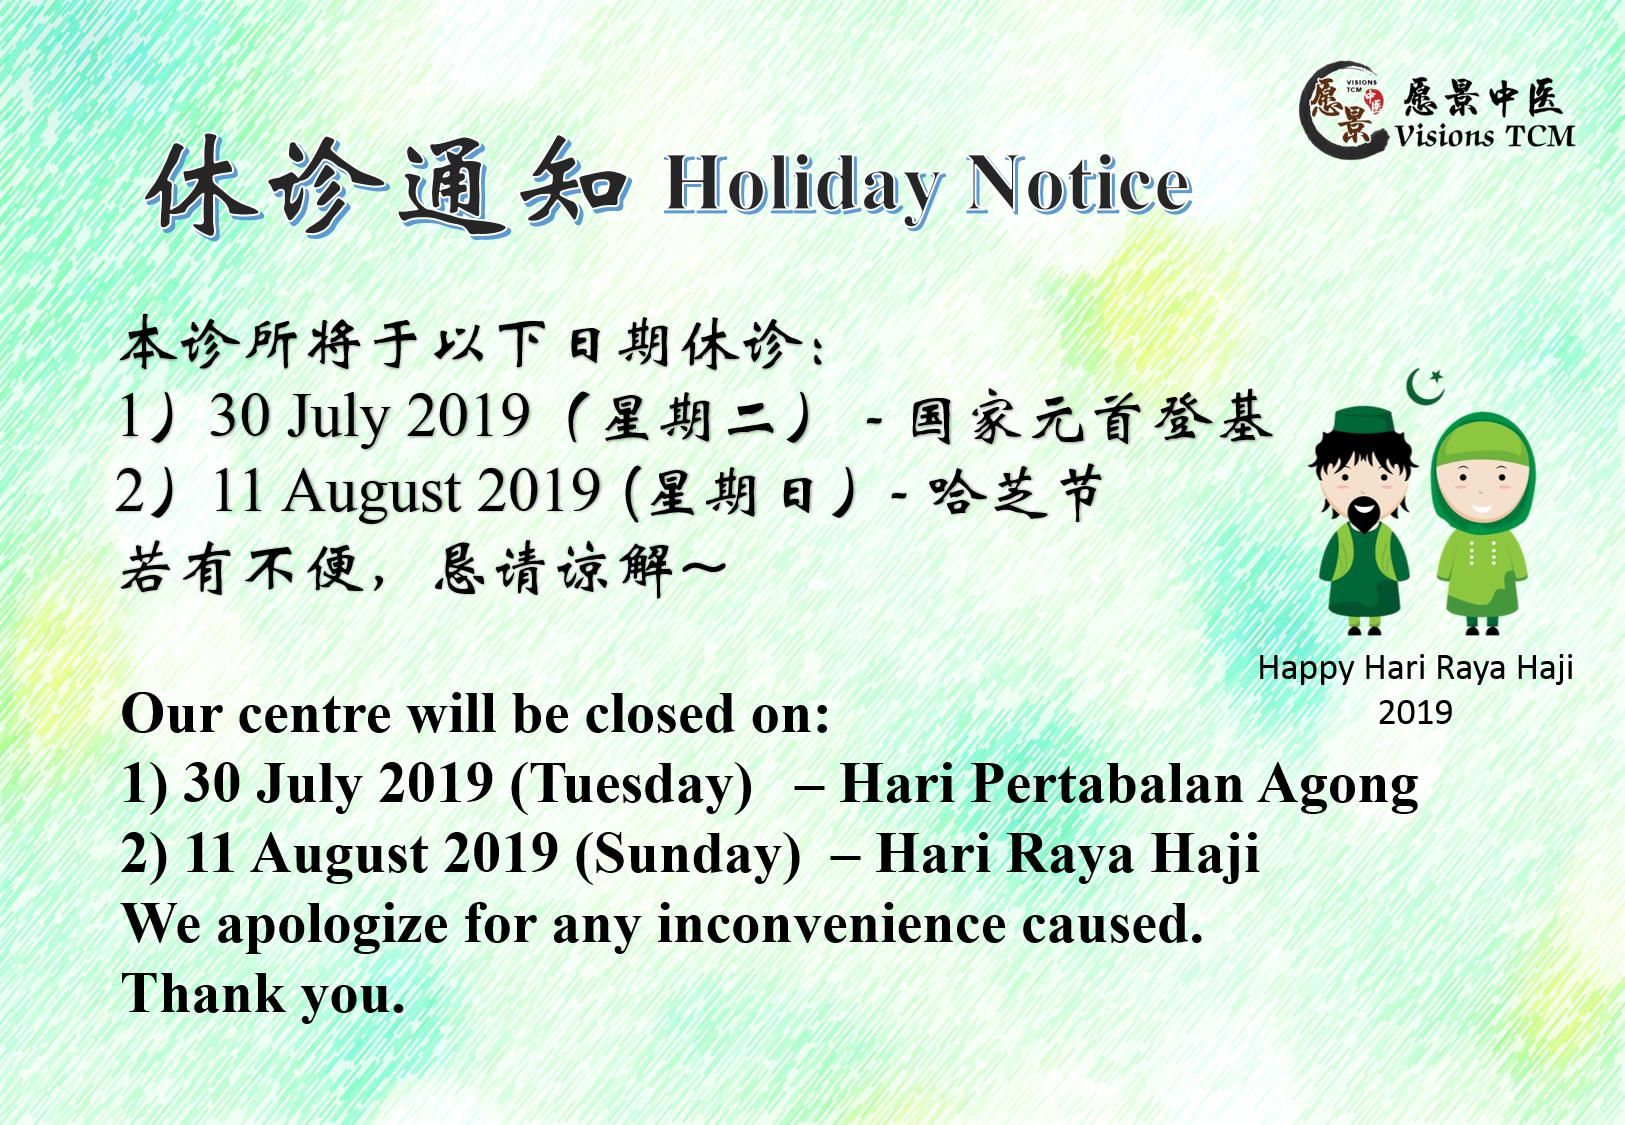 休诊通知 Holiday Notice